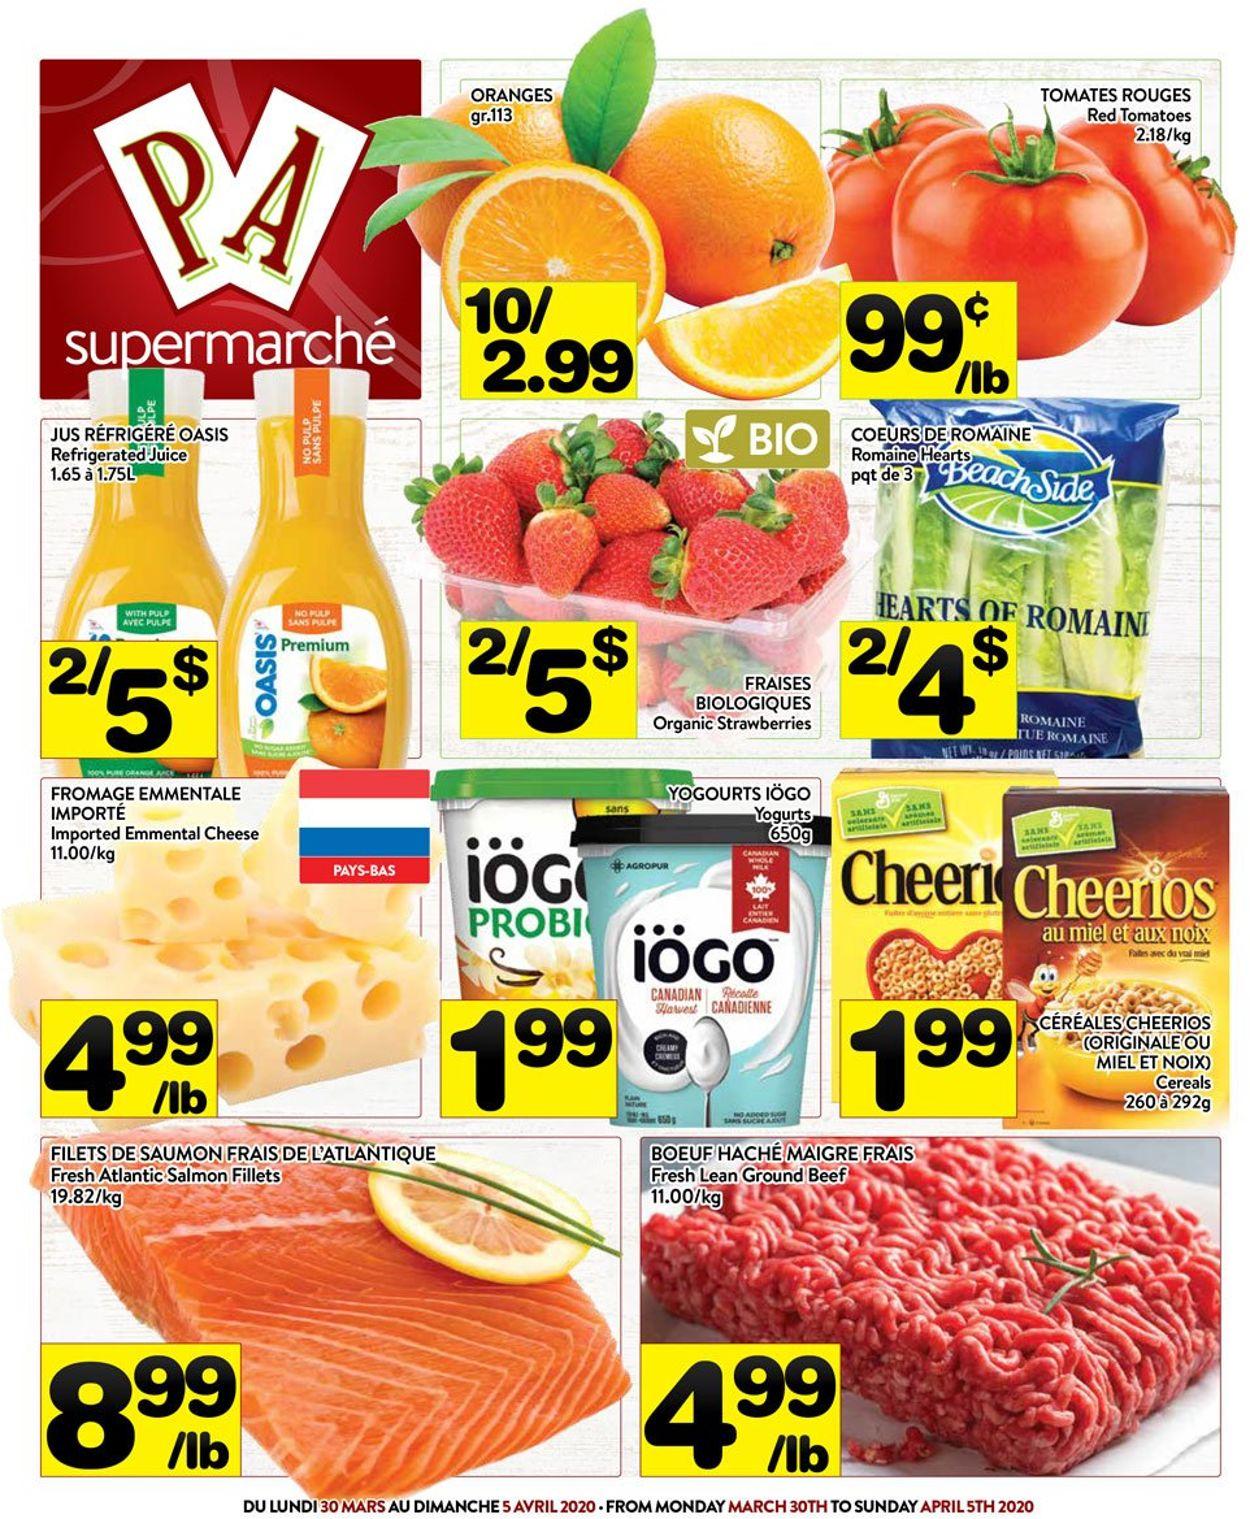 PA Supermarché Flyer - 03/30-04/05/2020